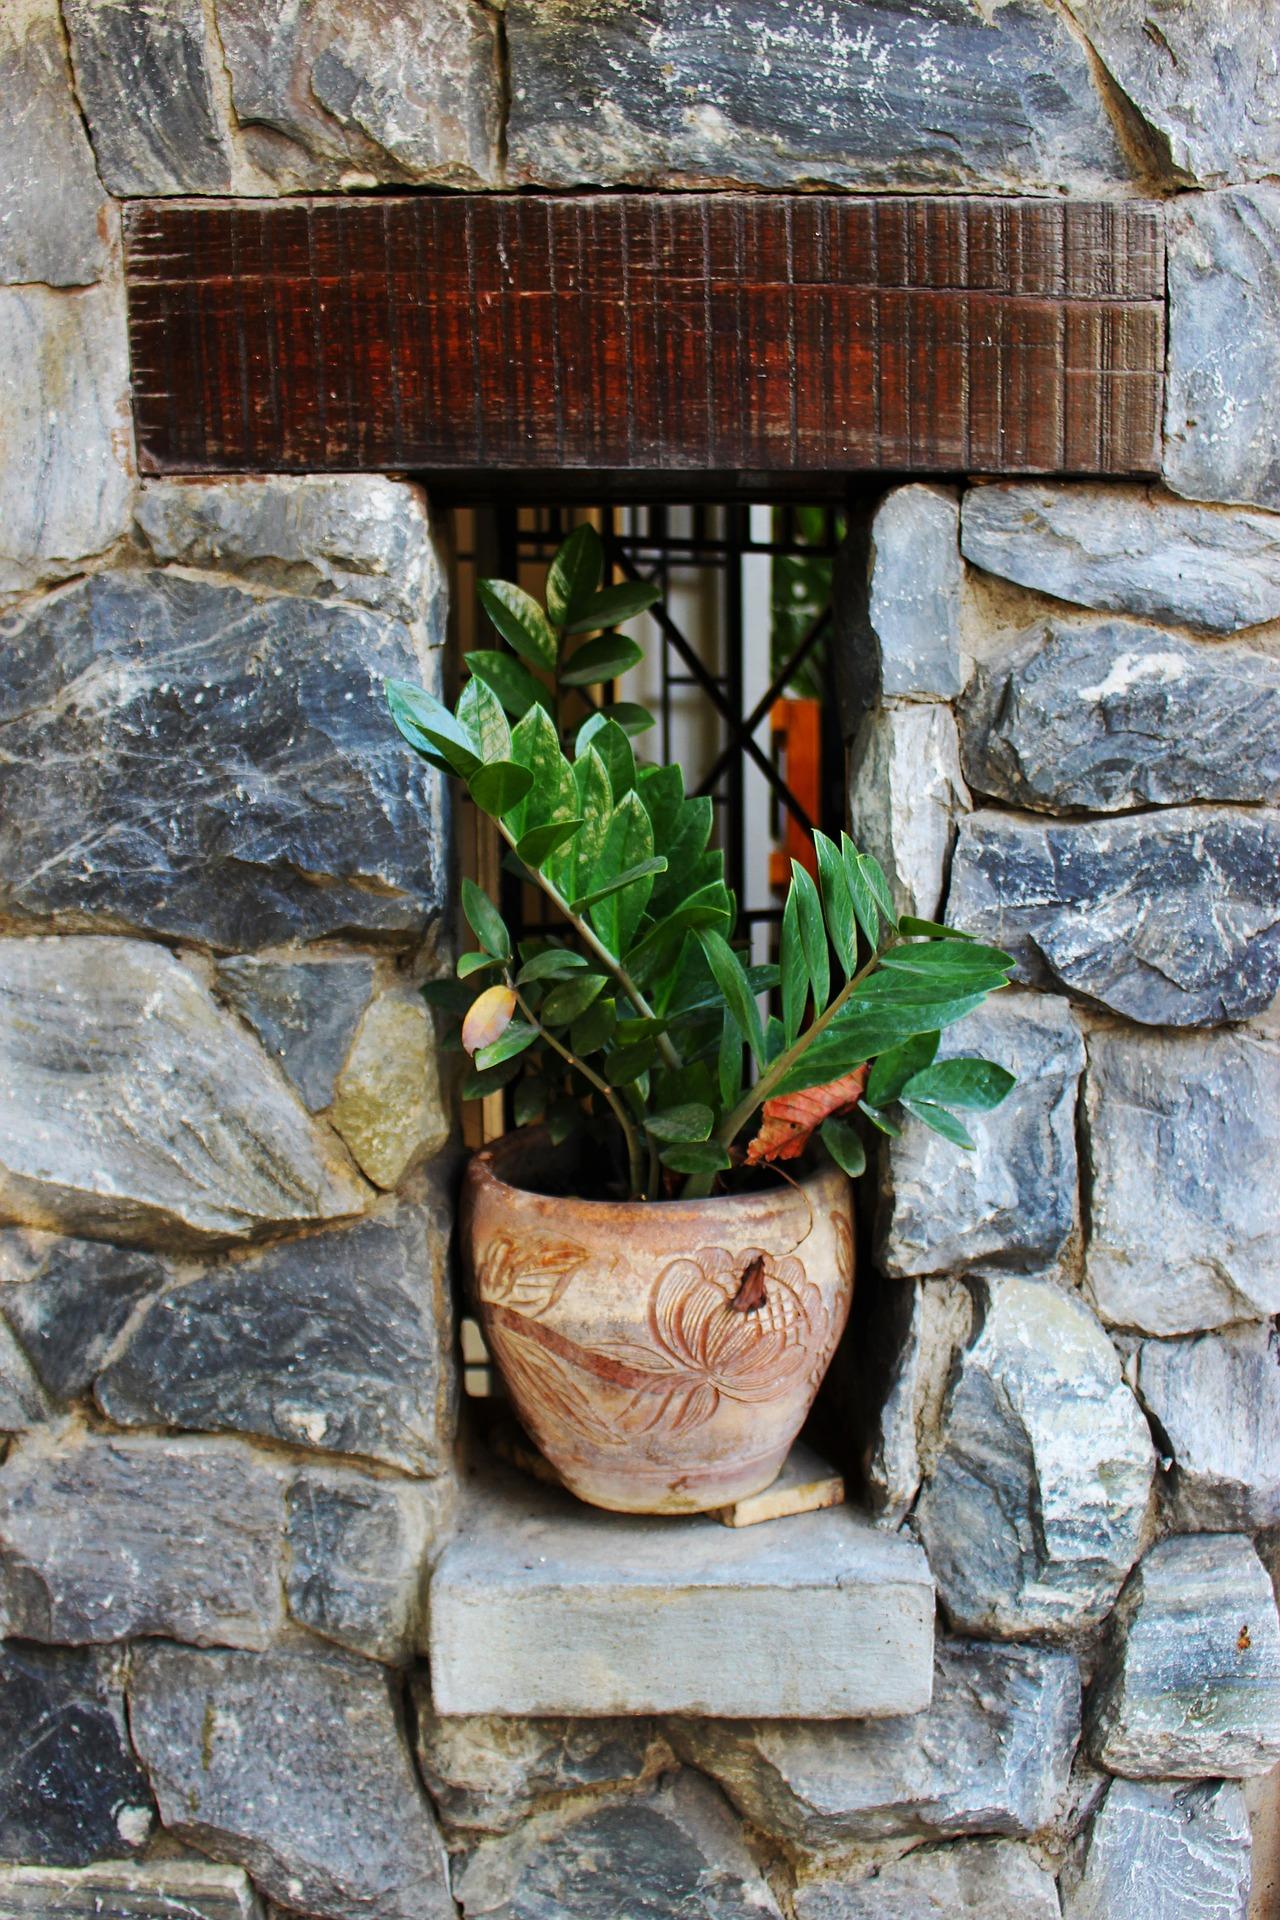 Blumentopf in Mauernische